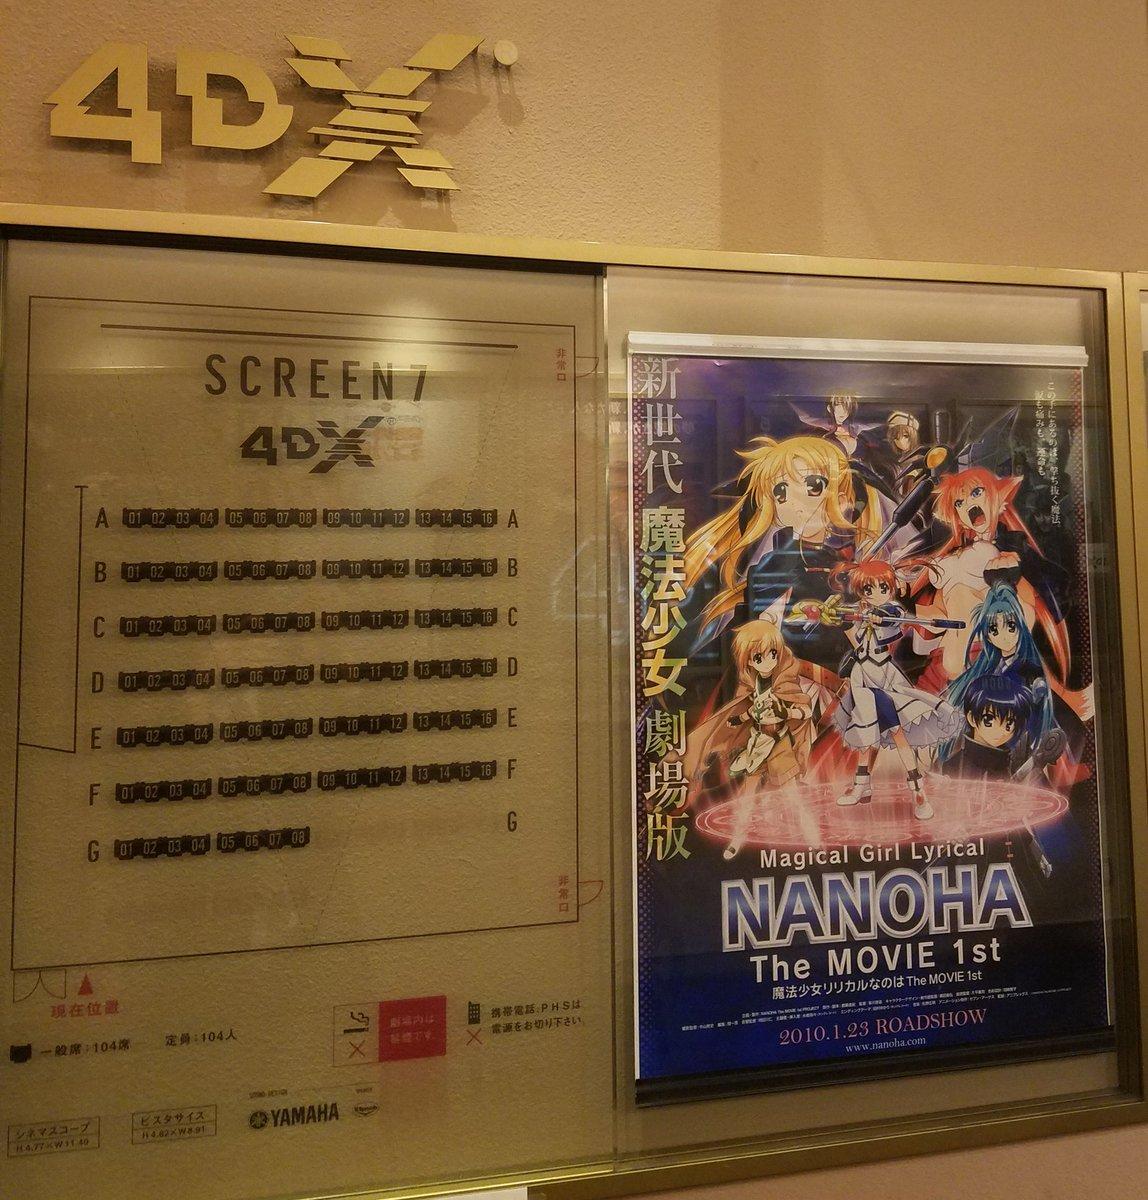 劇場版リリカルなのは1stの4DX上映観てきた。お前の部屋か!ってくらいダバダバ泣いた、顔洗わないと帰れないくらい…(/